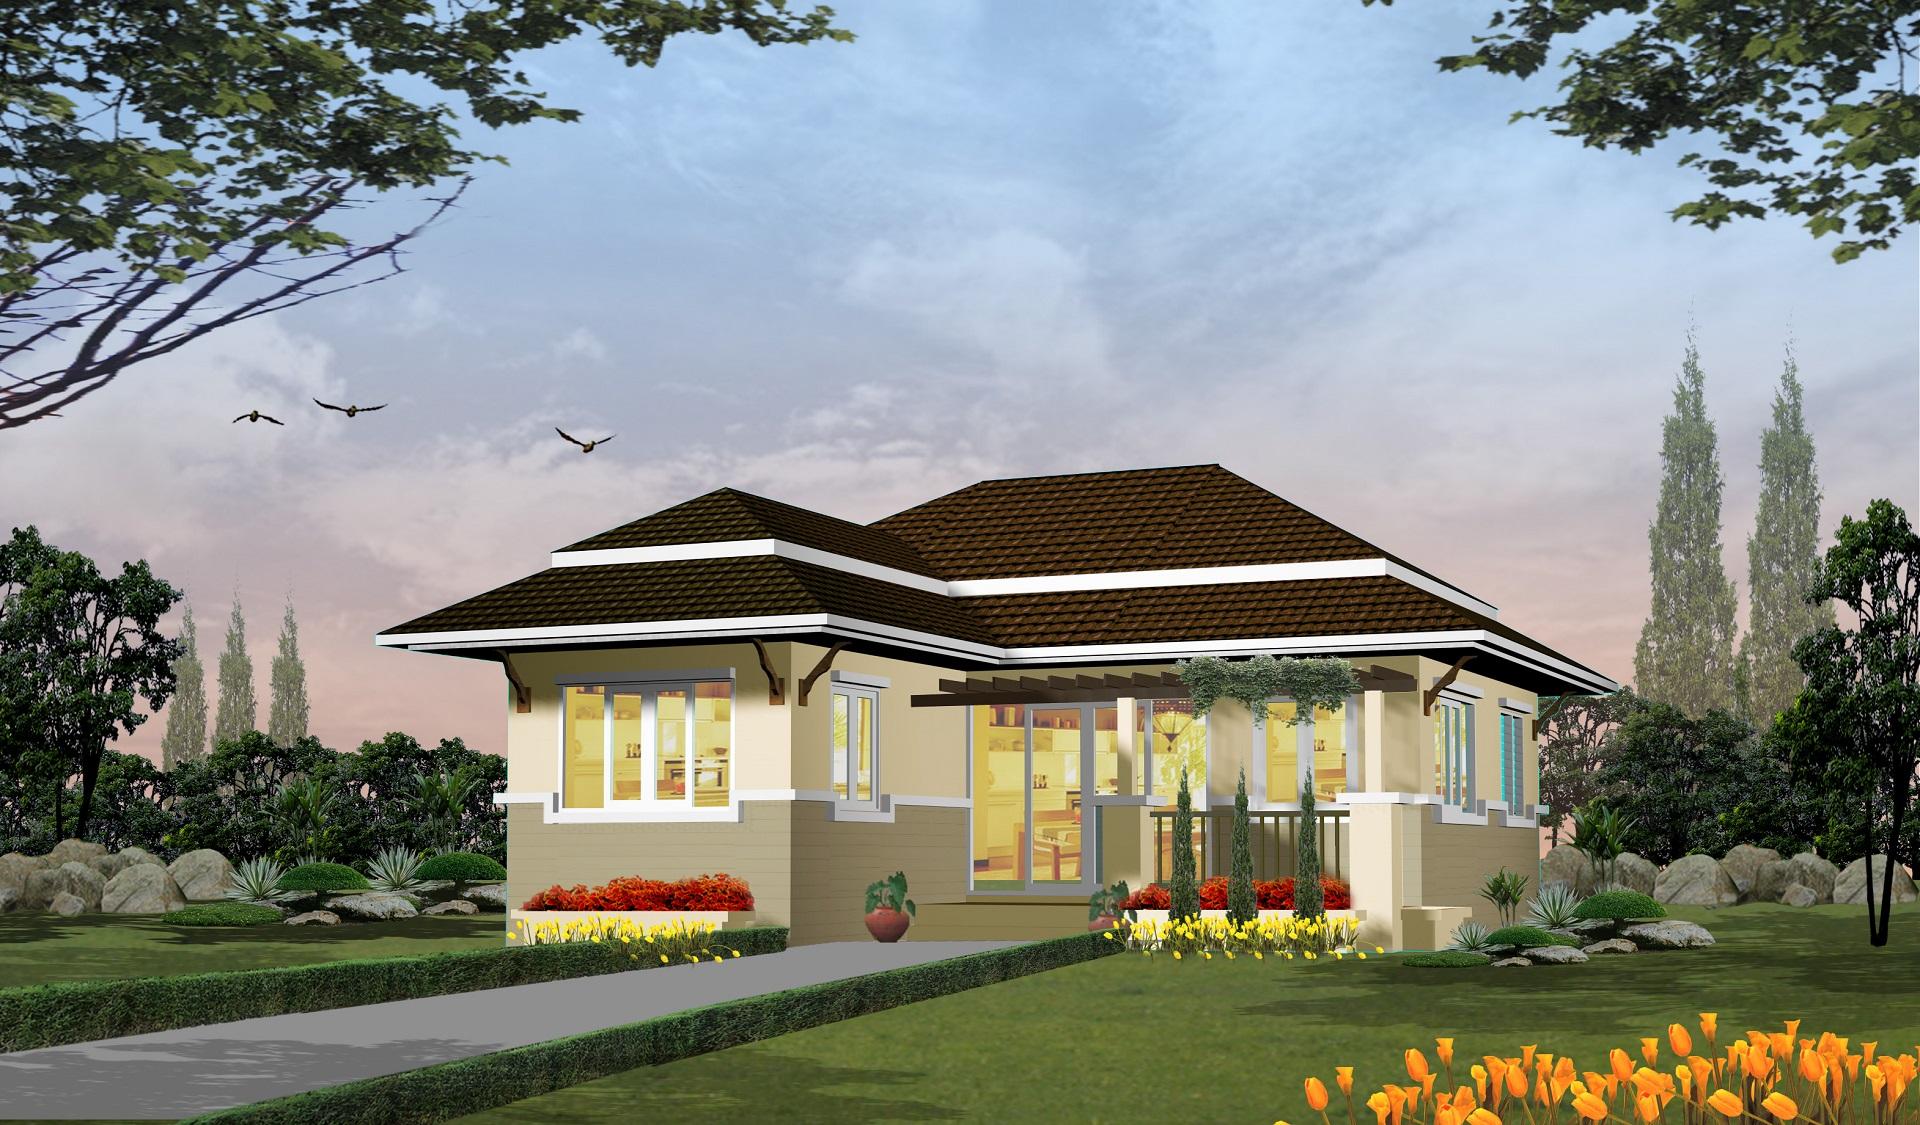 ออกแบบบ้านอย่างไรให้ตอบโจทย์เรื่องสุขภาพ หากเราออกแบบบ้านบ้านดี ๆ